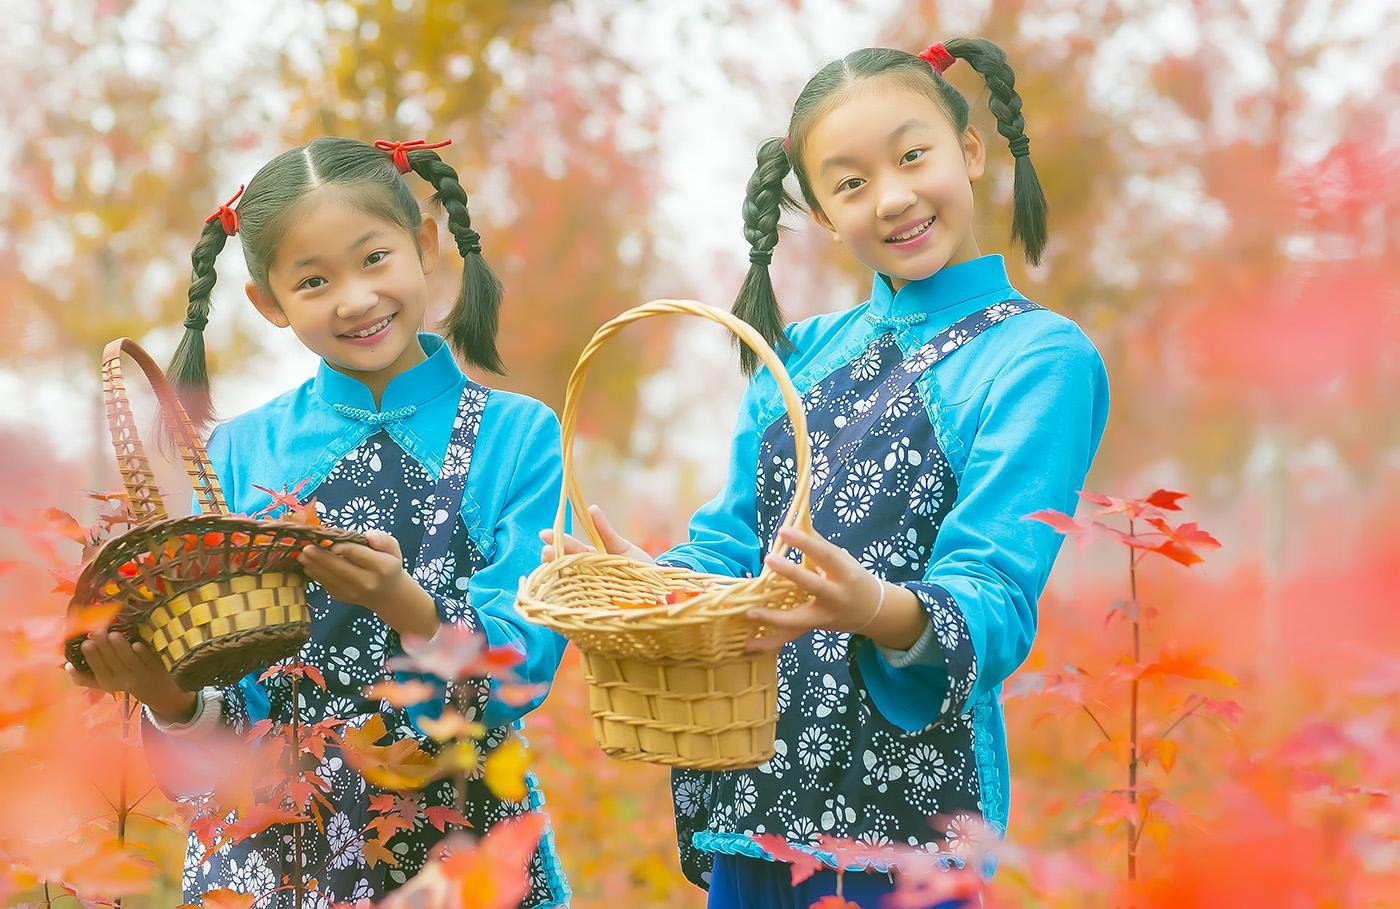 沂蒙山区竟然有这么一片童话般的树林 沂蒙小精灵火红的童年来袭 ..._图1-2